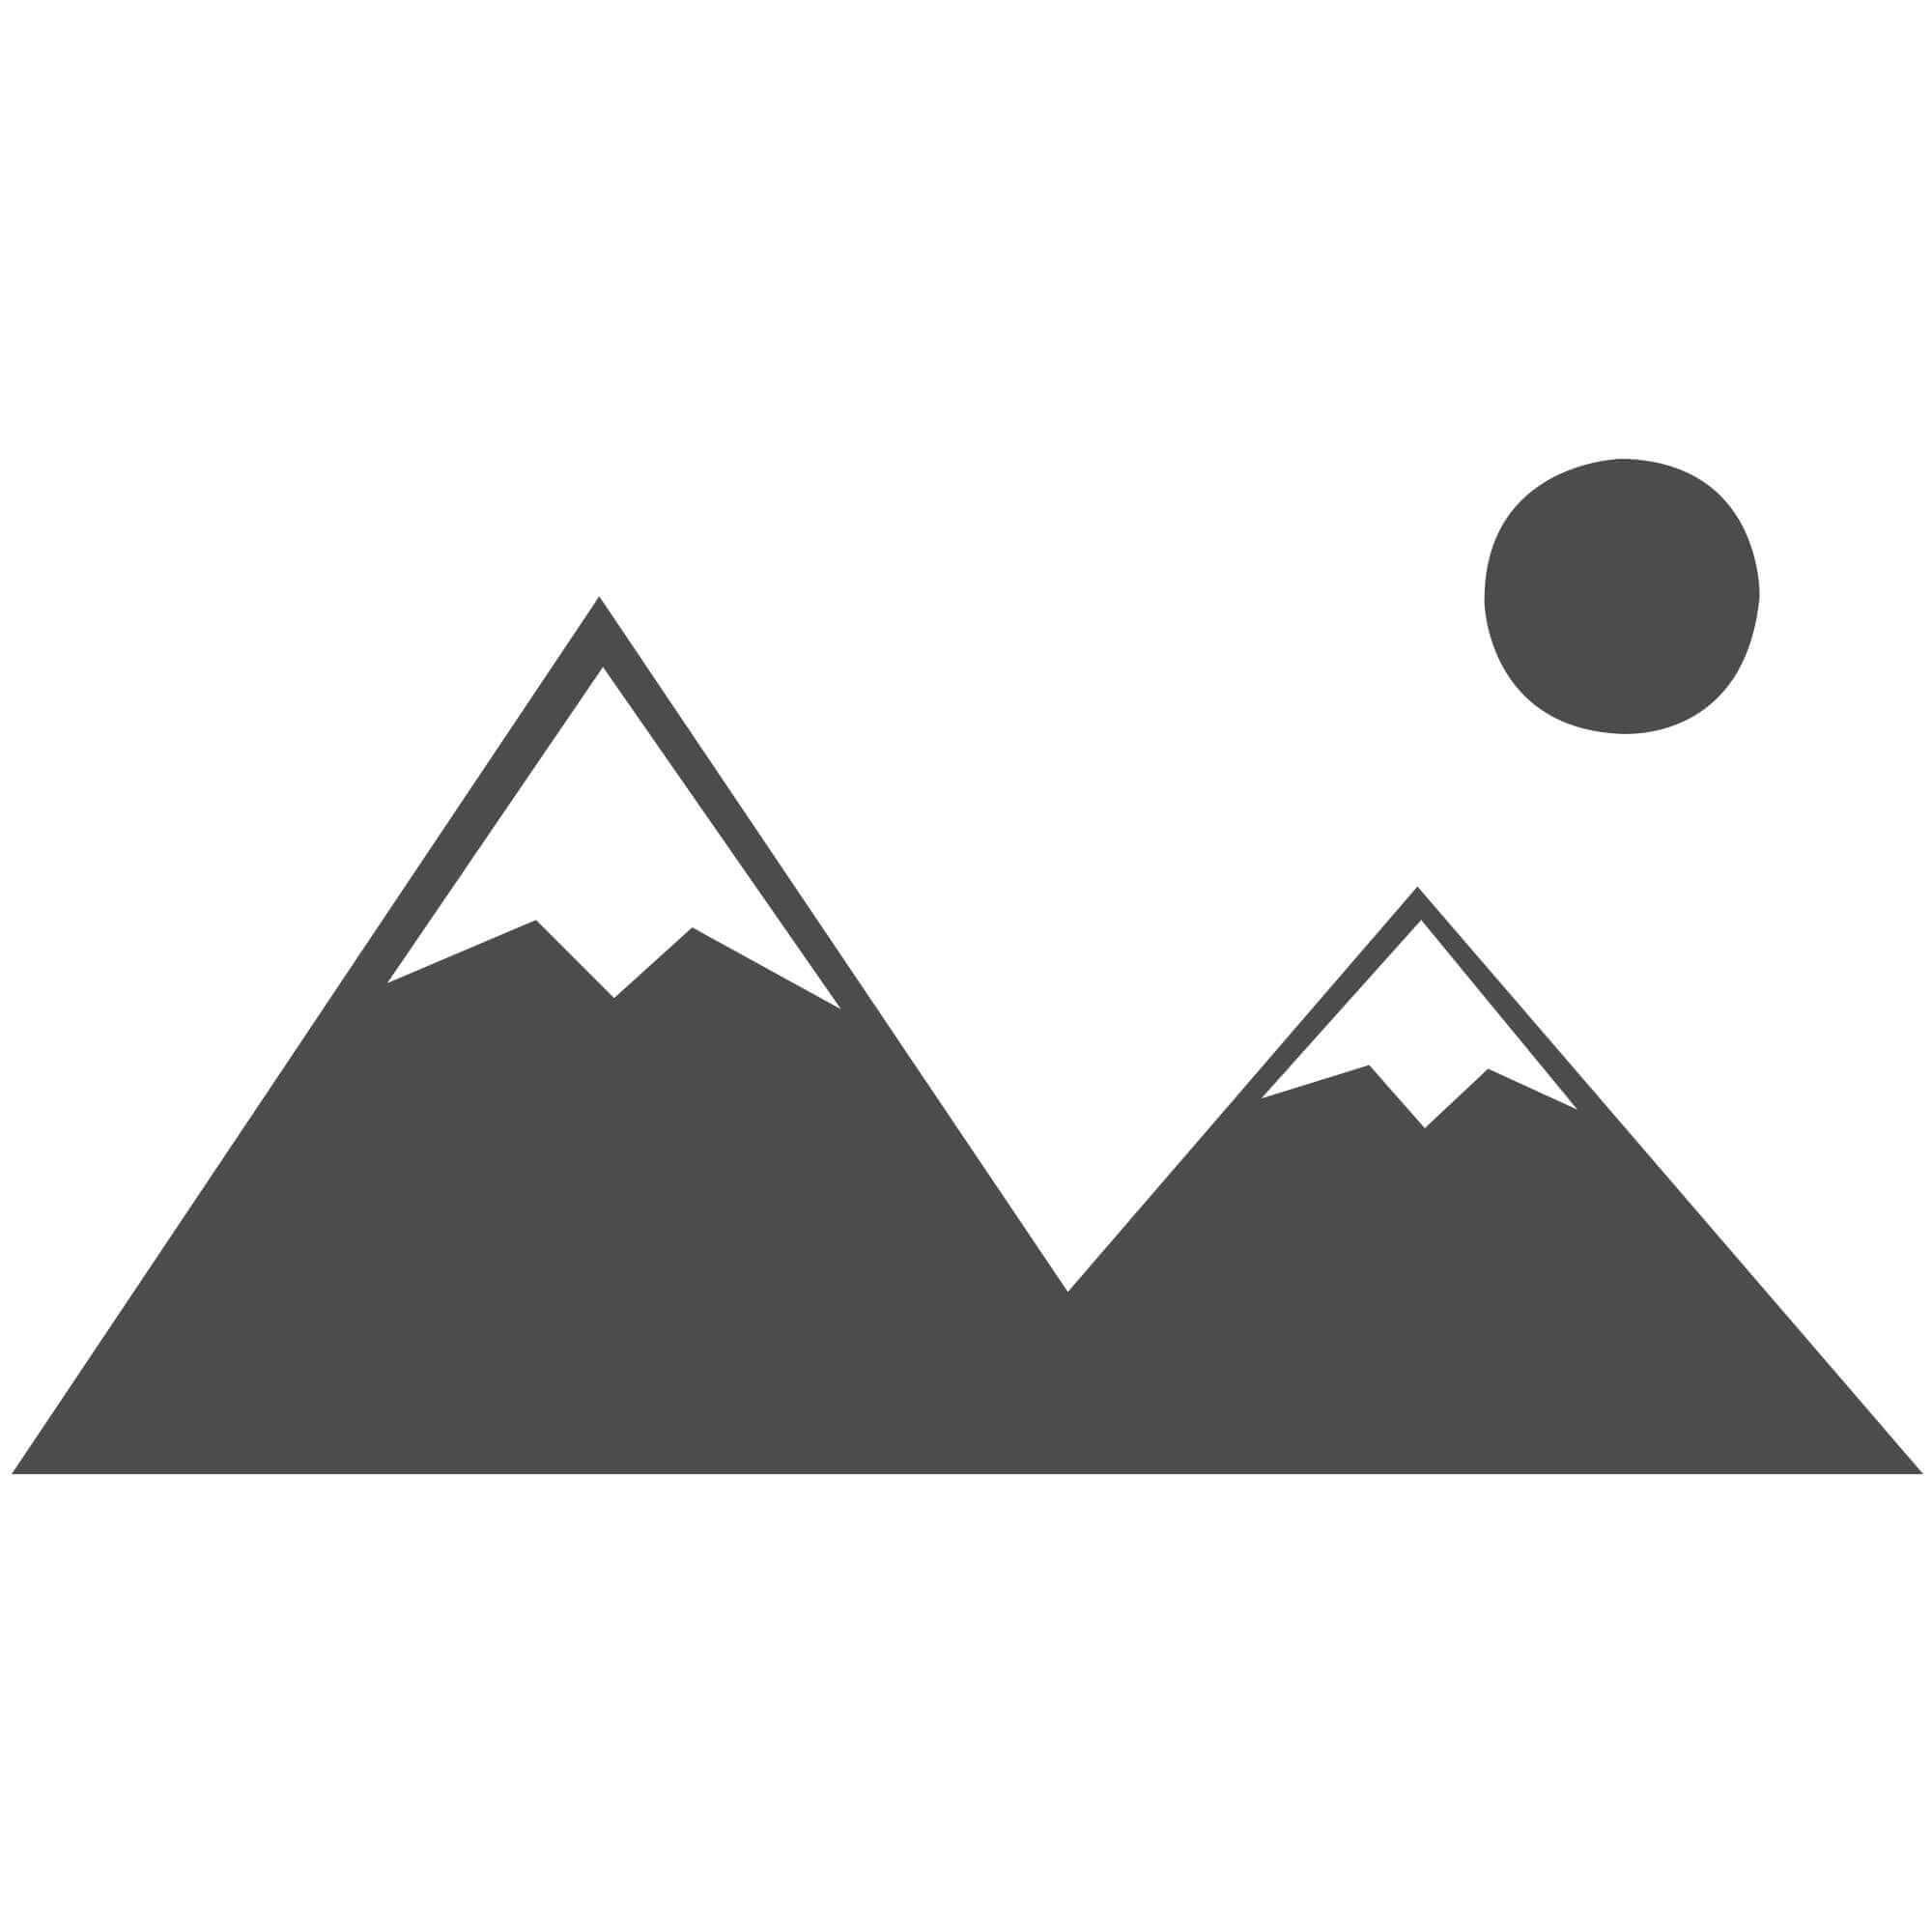 """Cascade Shaggy Rug - Sand - Size 120 x 170 cm (4' x 5'7"""")"""